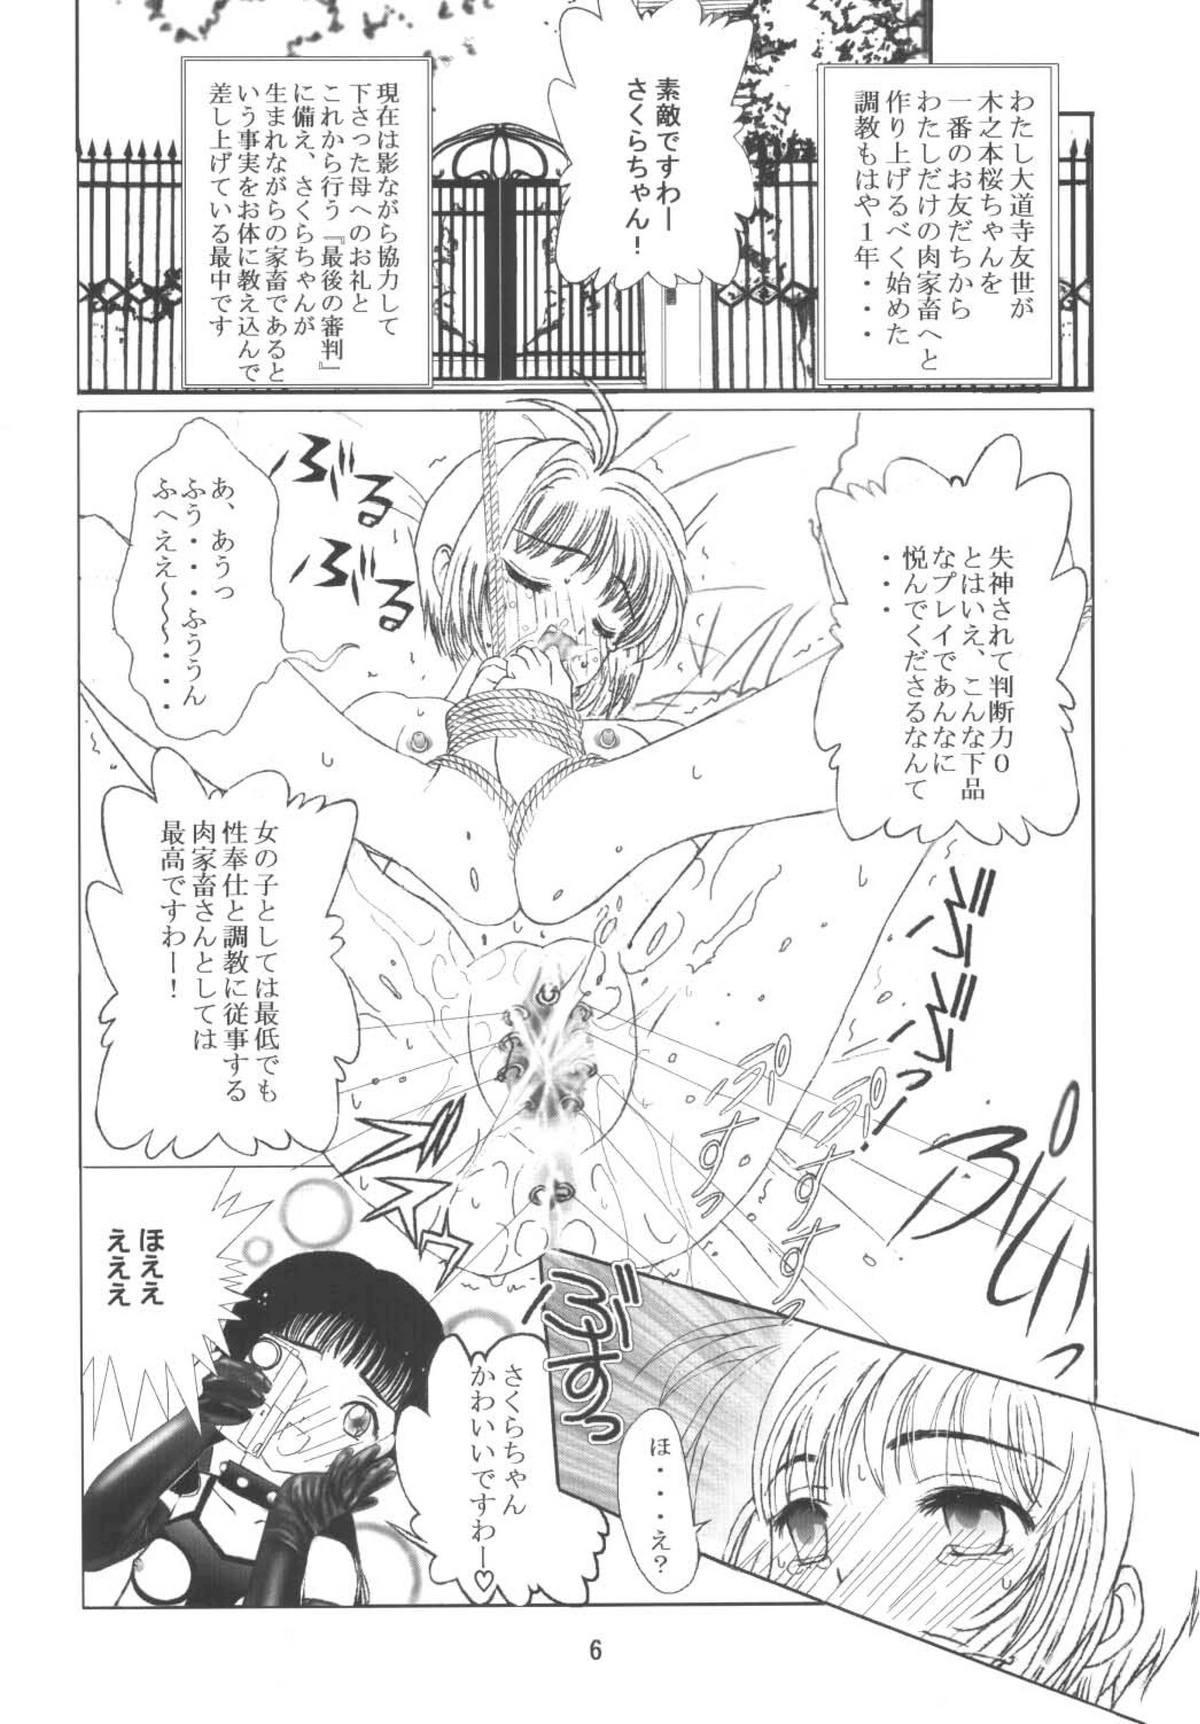 Kuuronziyou 10 Sakura-chan de Asobou 5 5